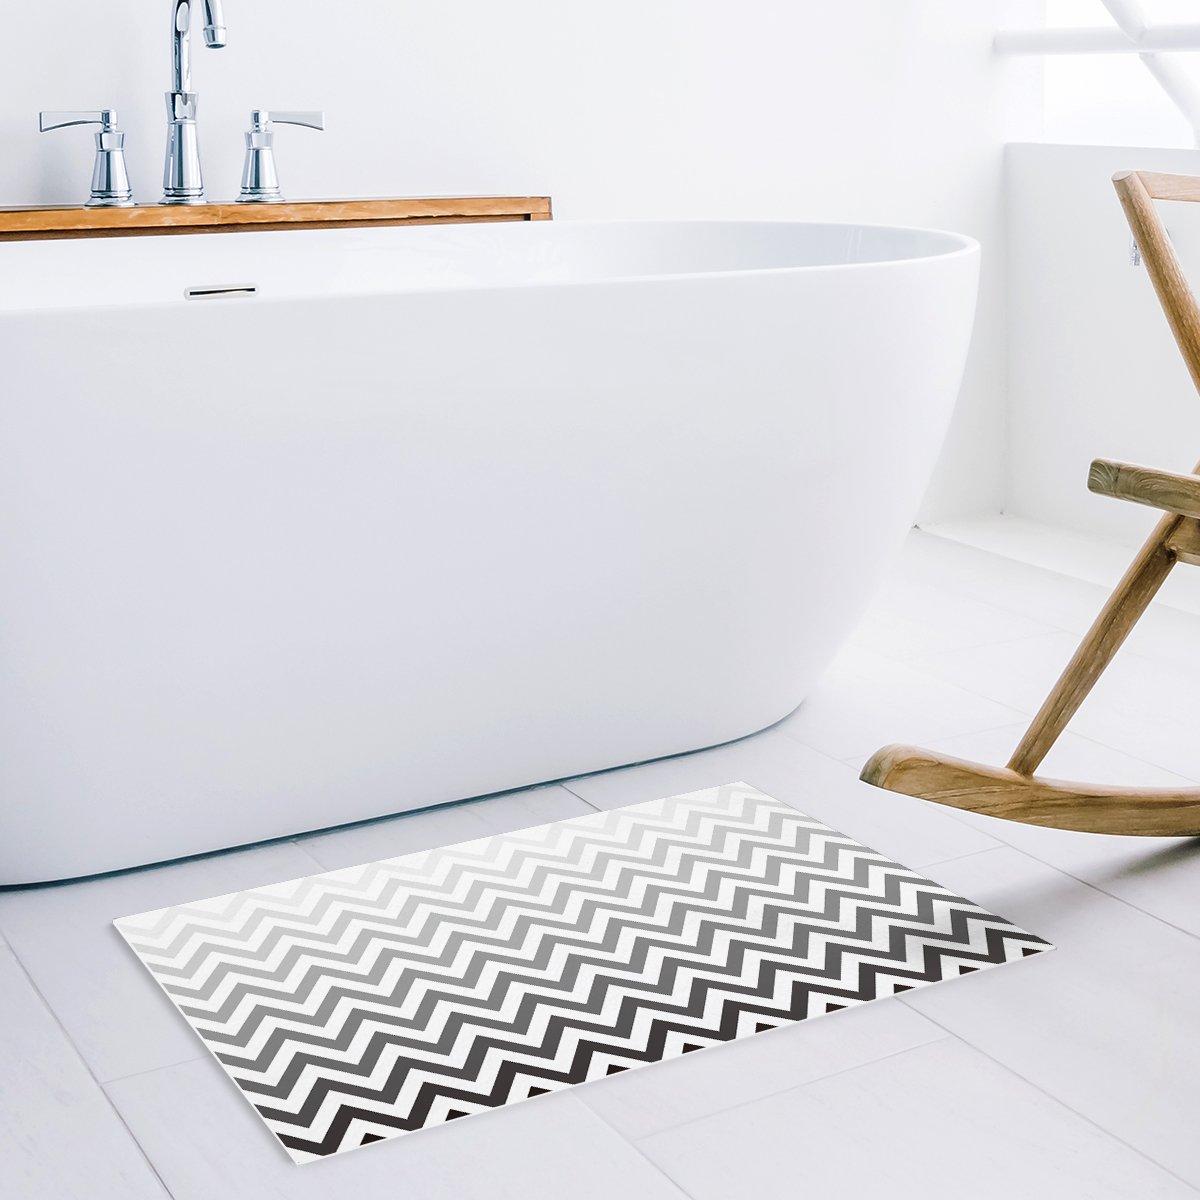 Doormat Kitchen Floor Bath Entrance Rugs Absorbent Indoor Bathroom Decor Door Mats Rubber Non Slip 32 x 20 Inch Modern Herringbone Geometric White and Gold